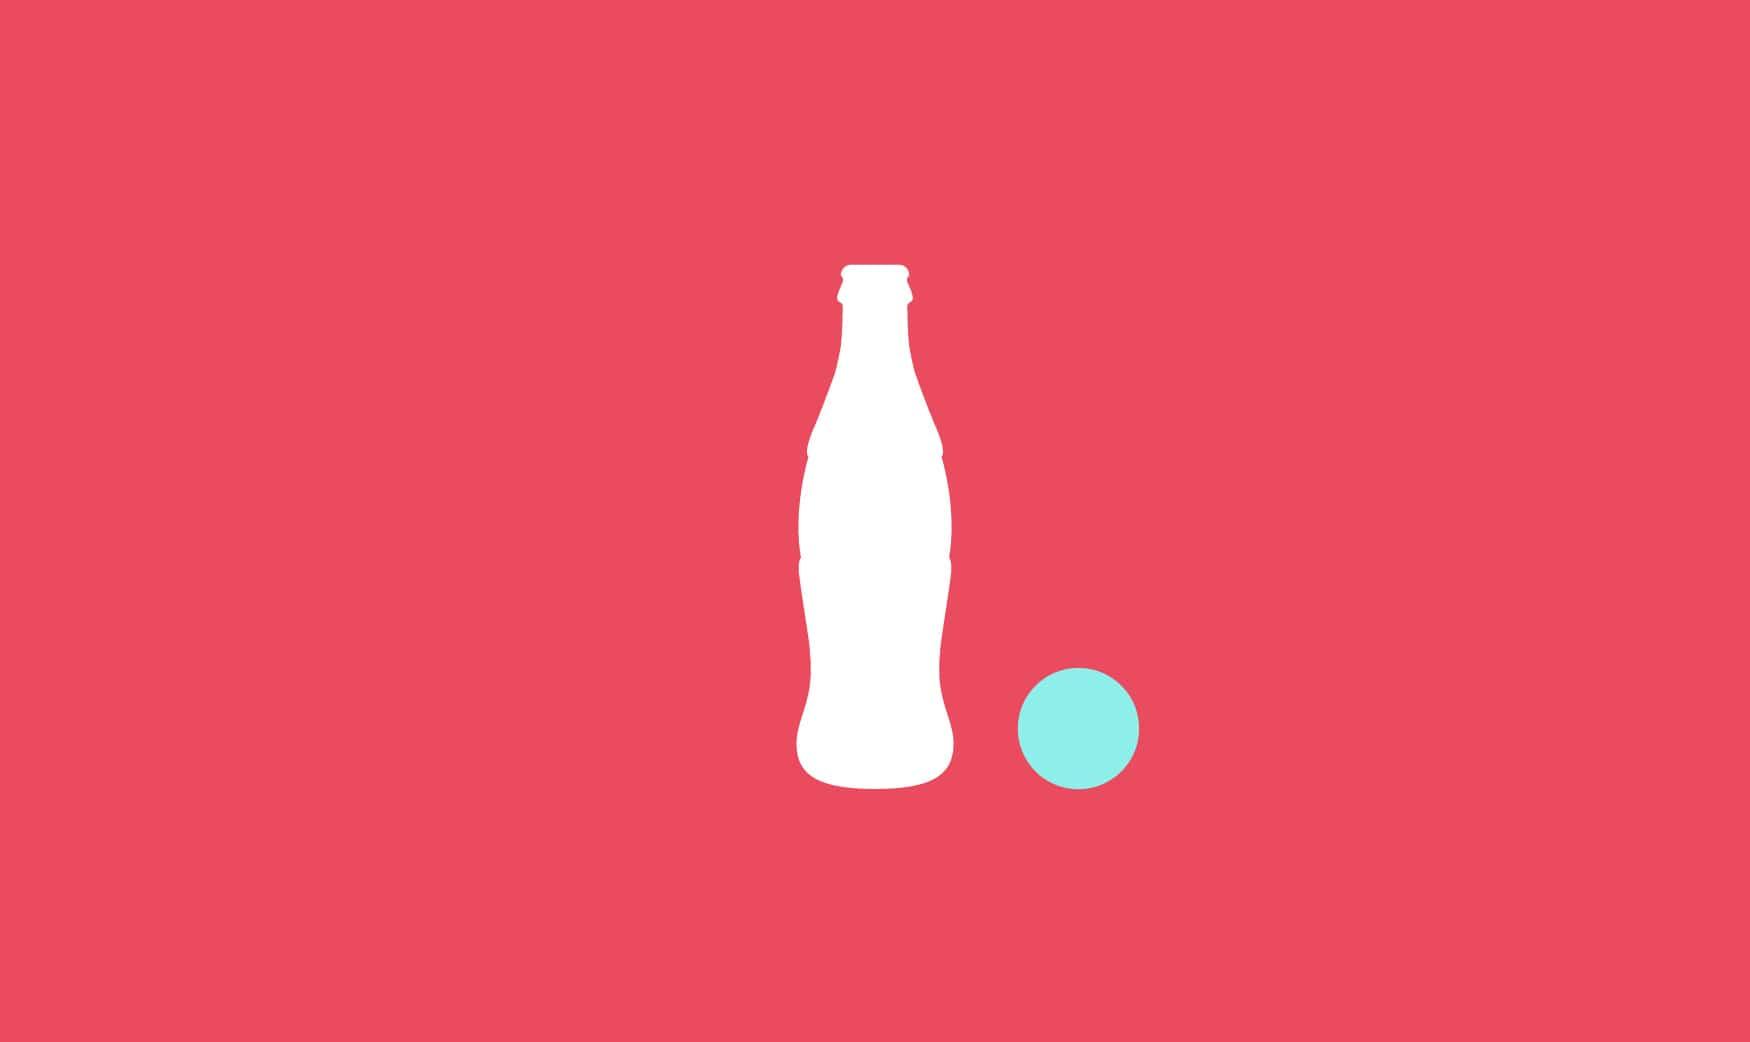 Coca-Cola branding, world's biggest brands